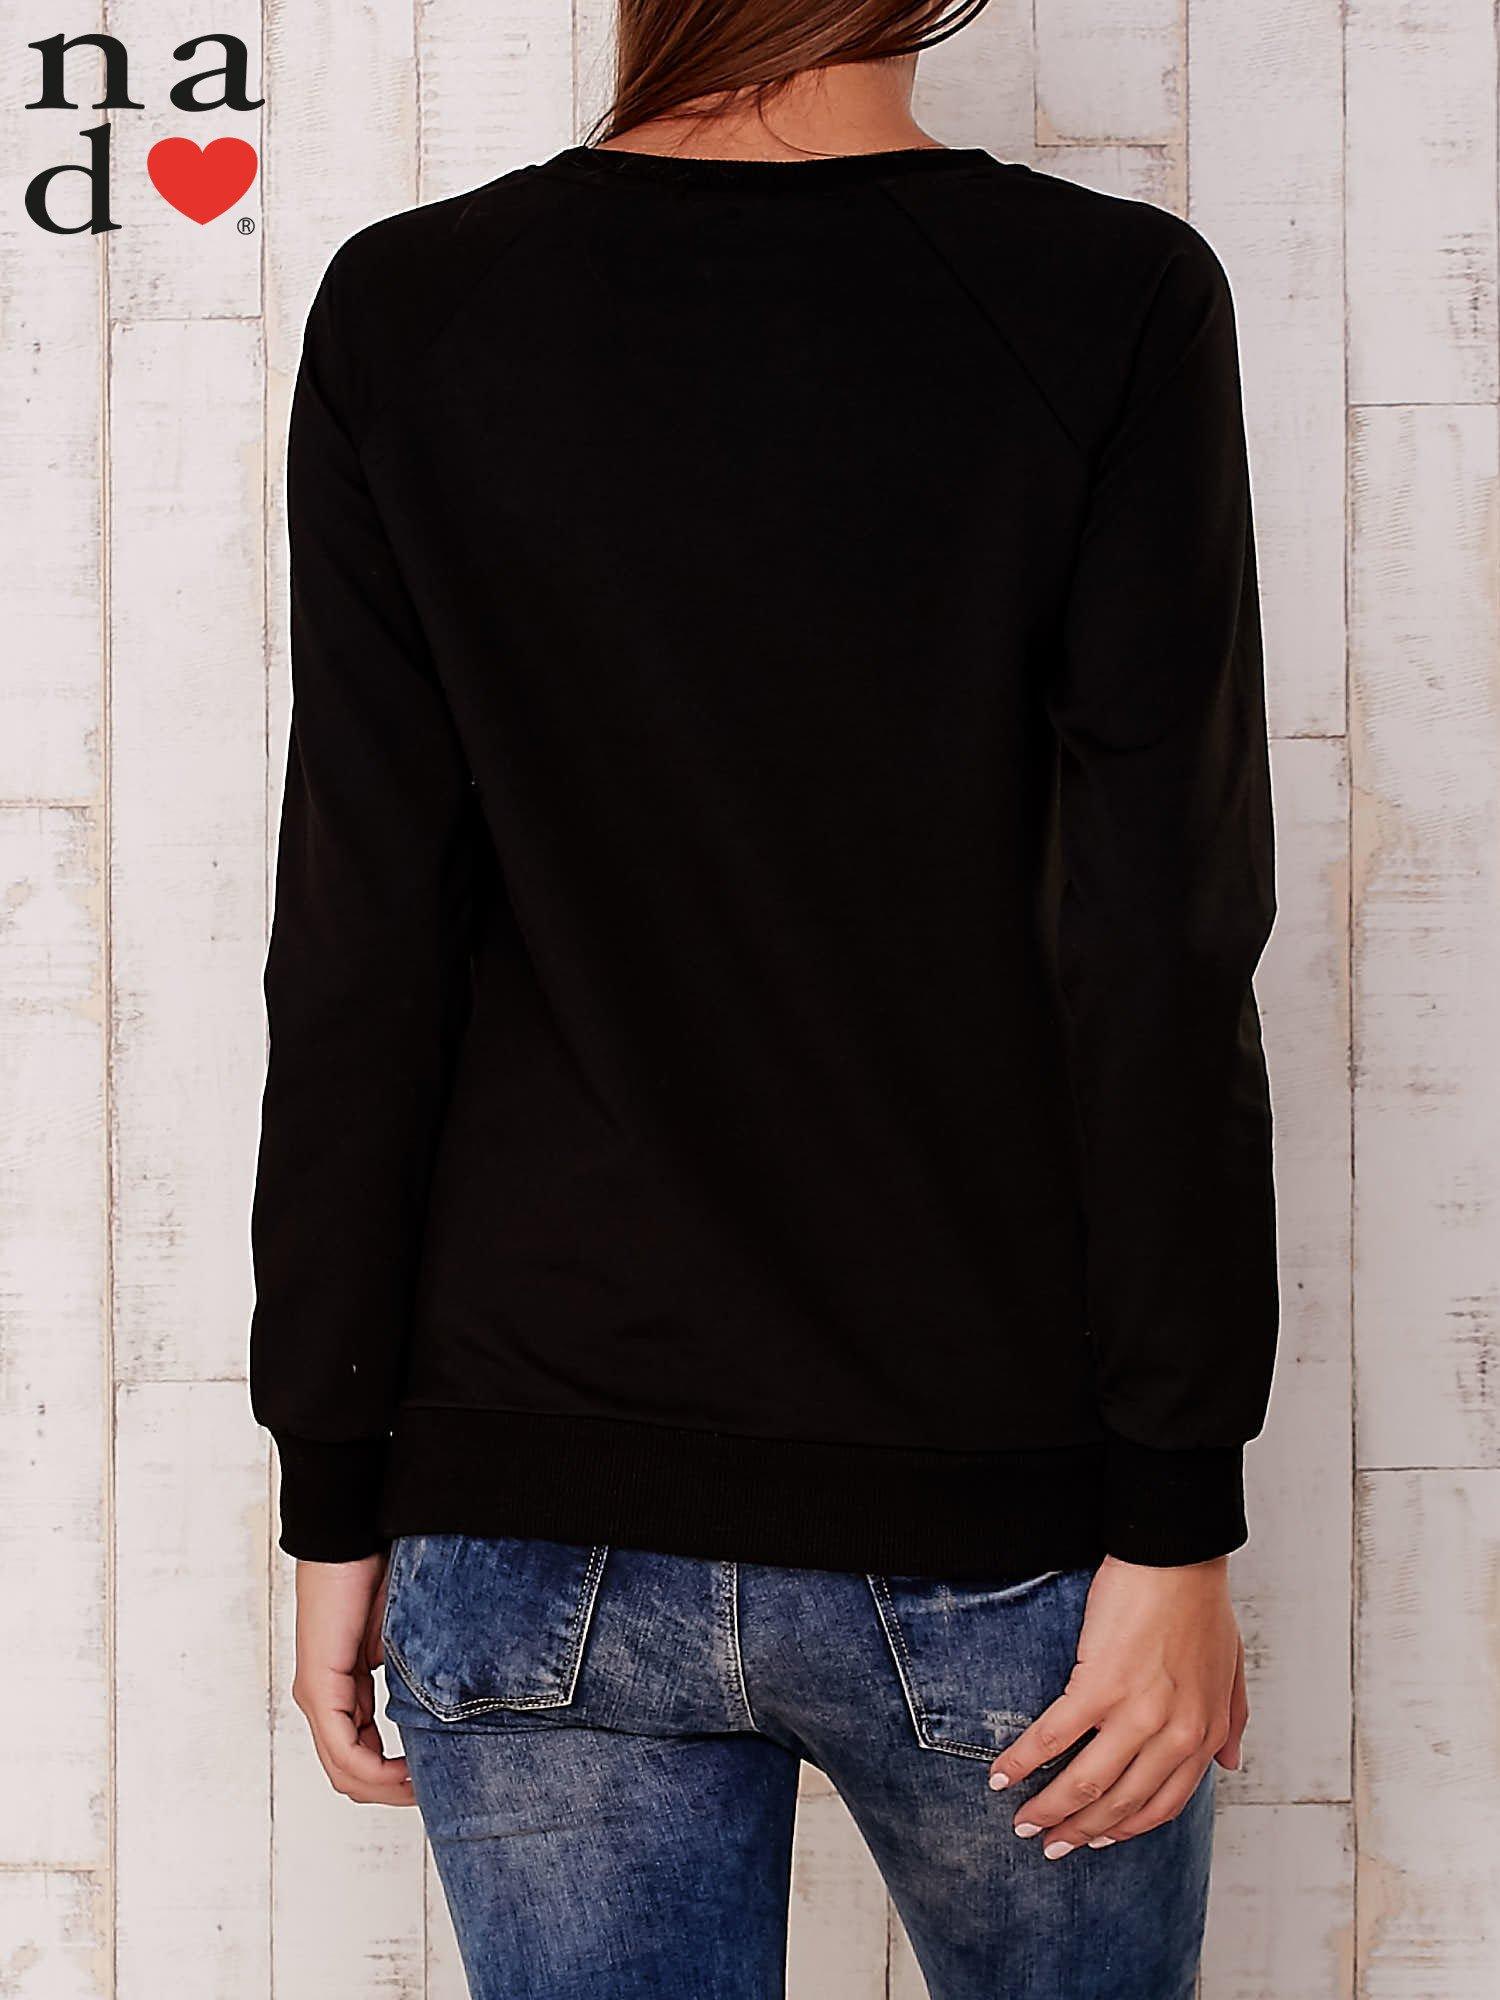 Czarna bluza z nadrukiem serca                                  zdj.                                  4